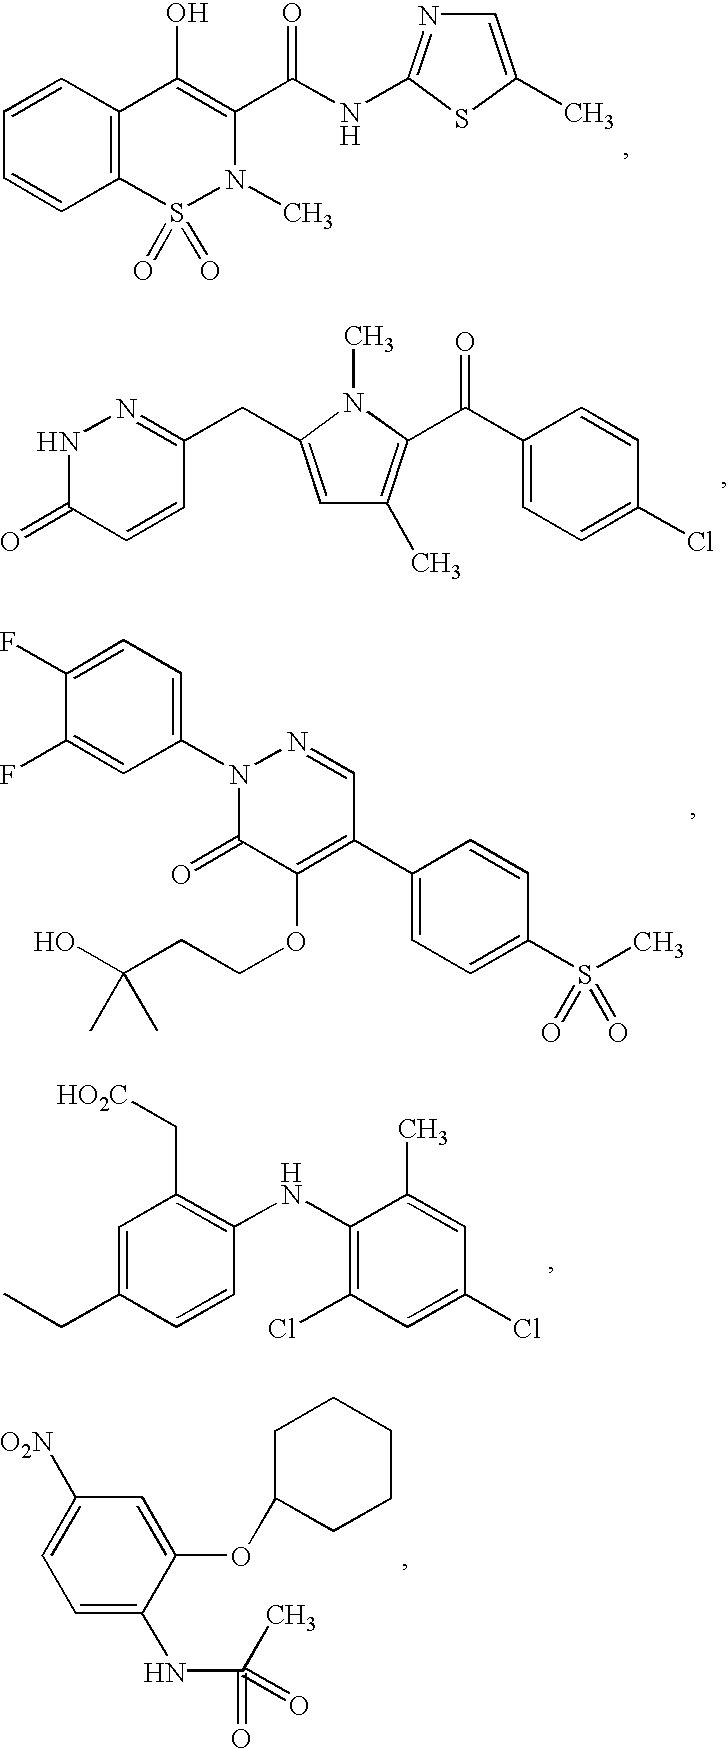 Figure US20030211163A1-20031113-C00044